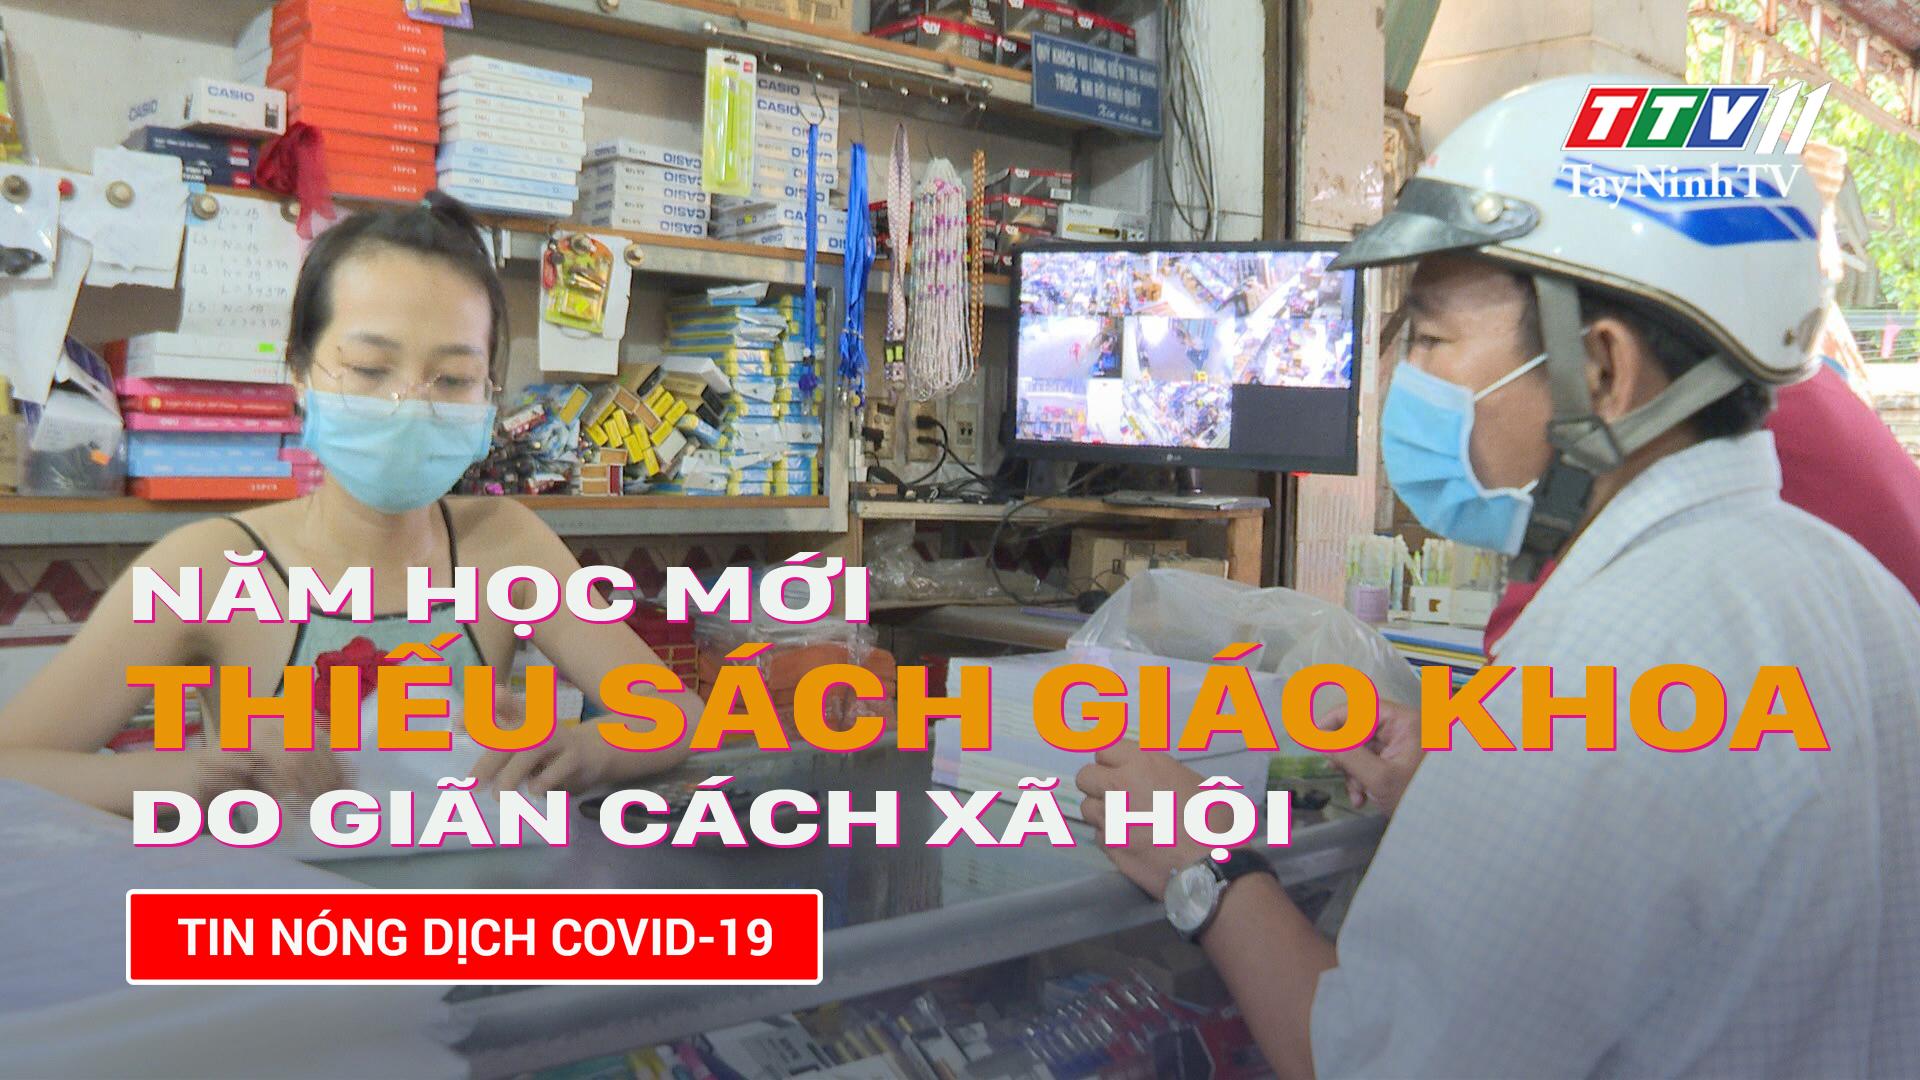 Năm học mới thiếu sách giáo khoa do giãn cách xã hội | TayNinhTV